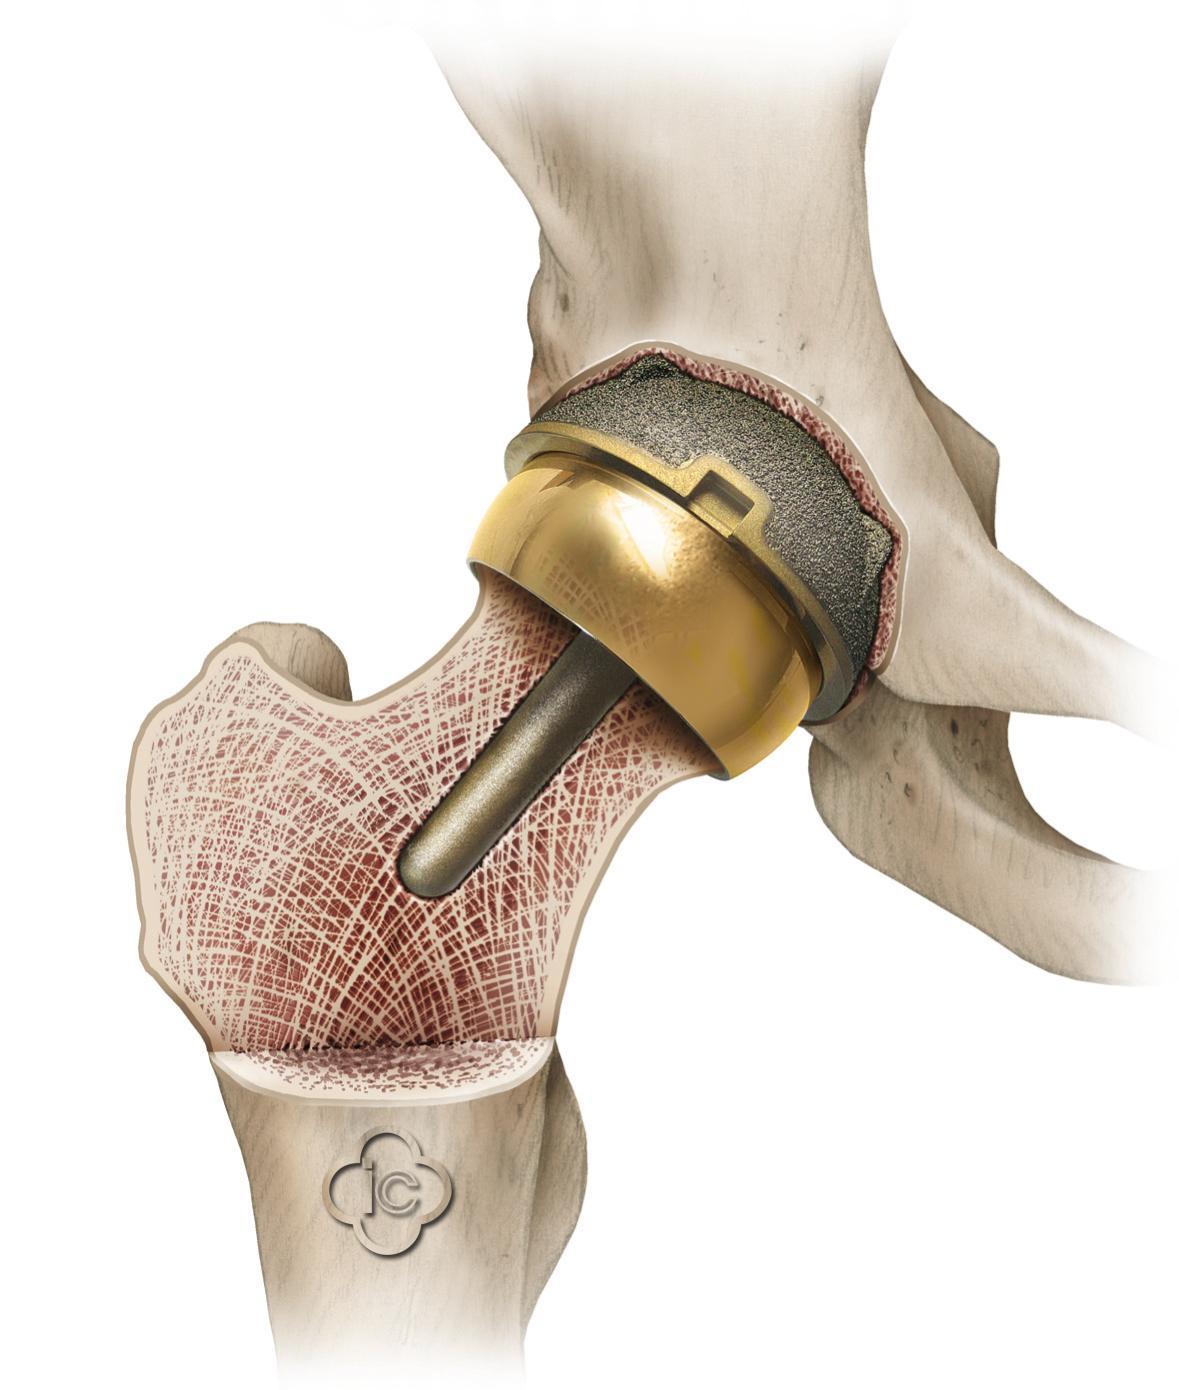 Частичная замена тазобедренного сустава мениск в коленном суставе